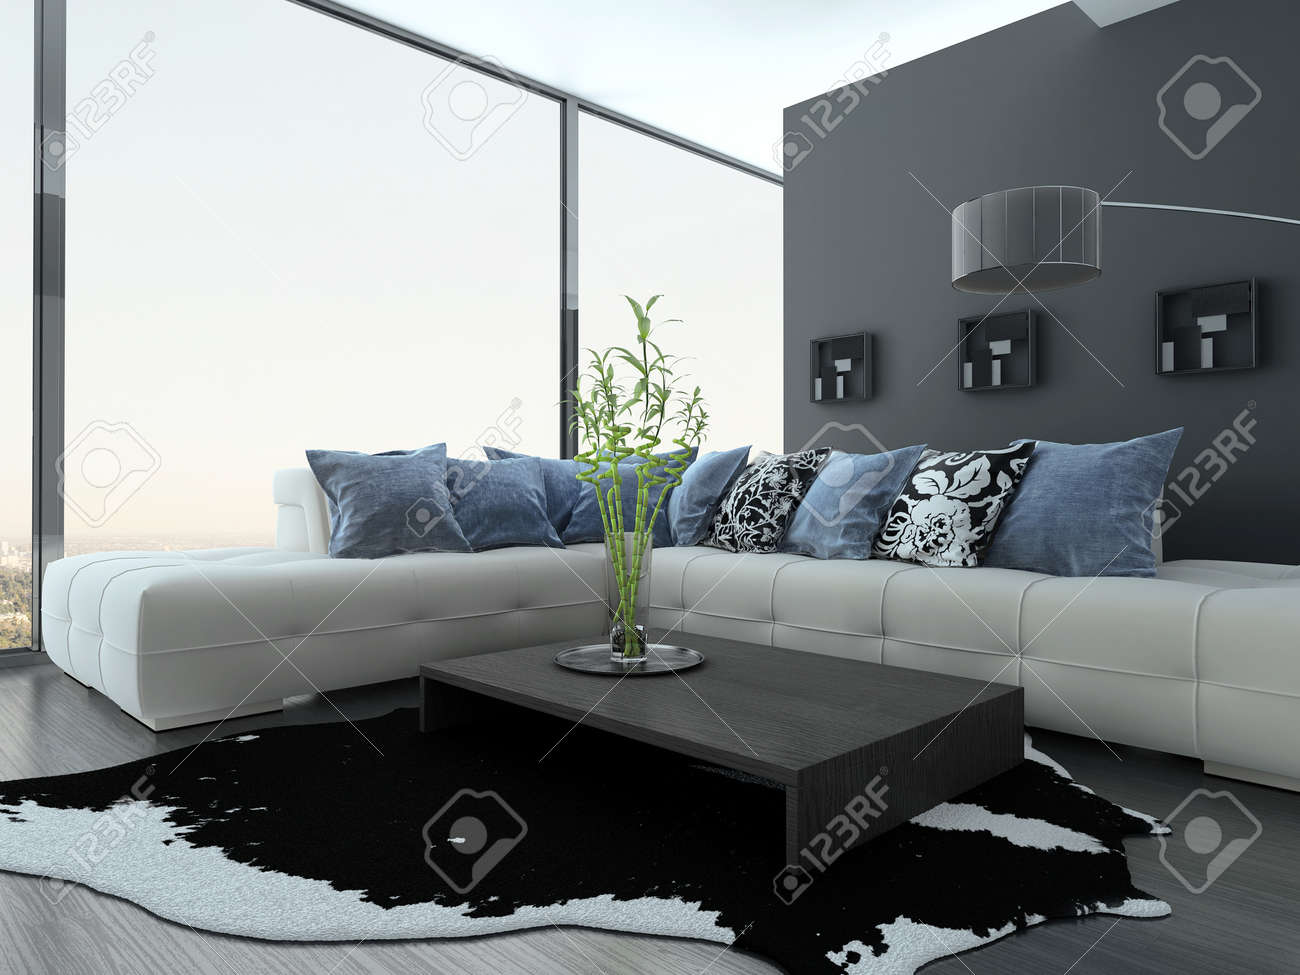 Moderne wohnzimmer interieur mit weißen couch und blauen kissen ...